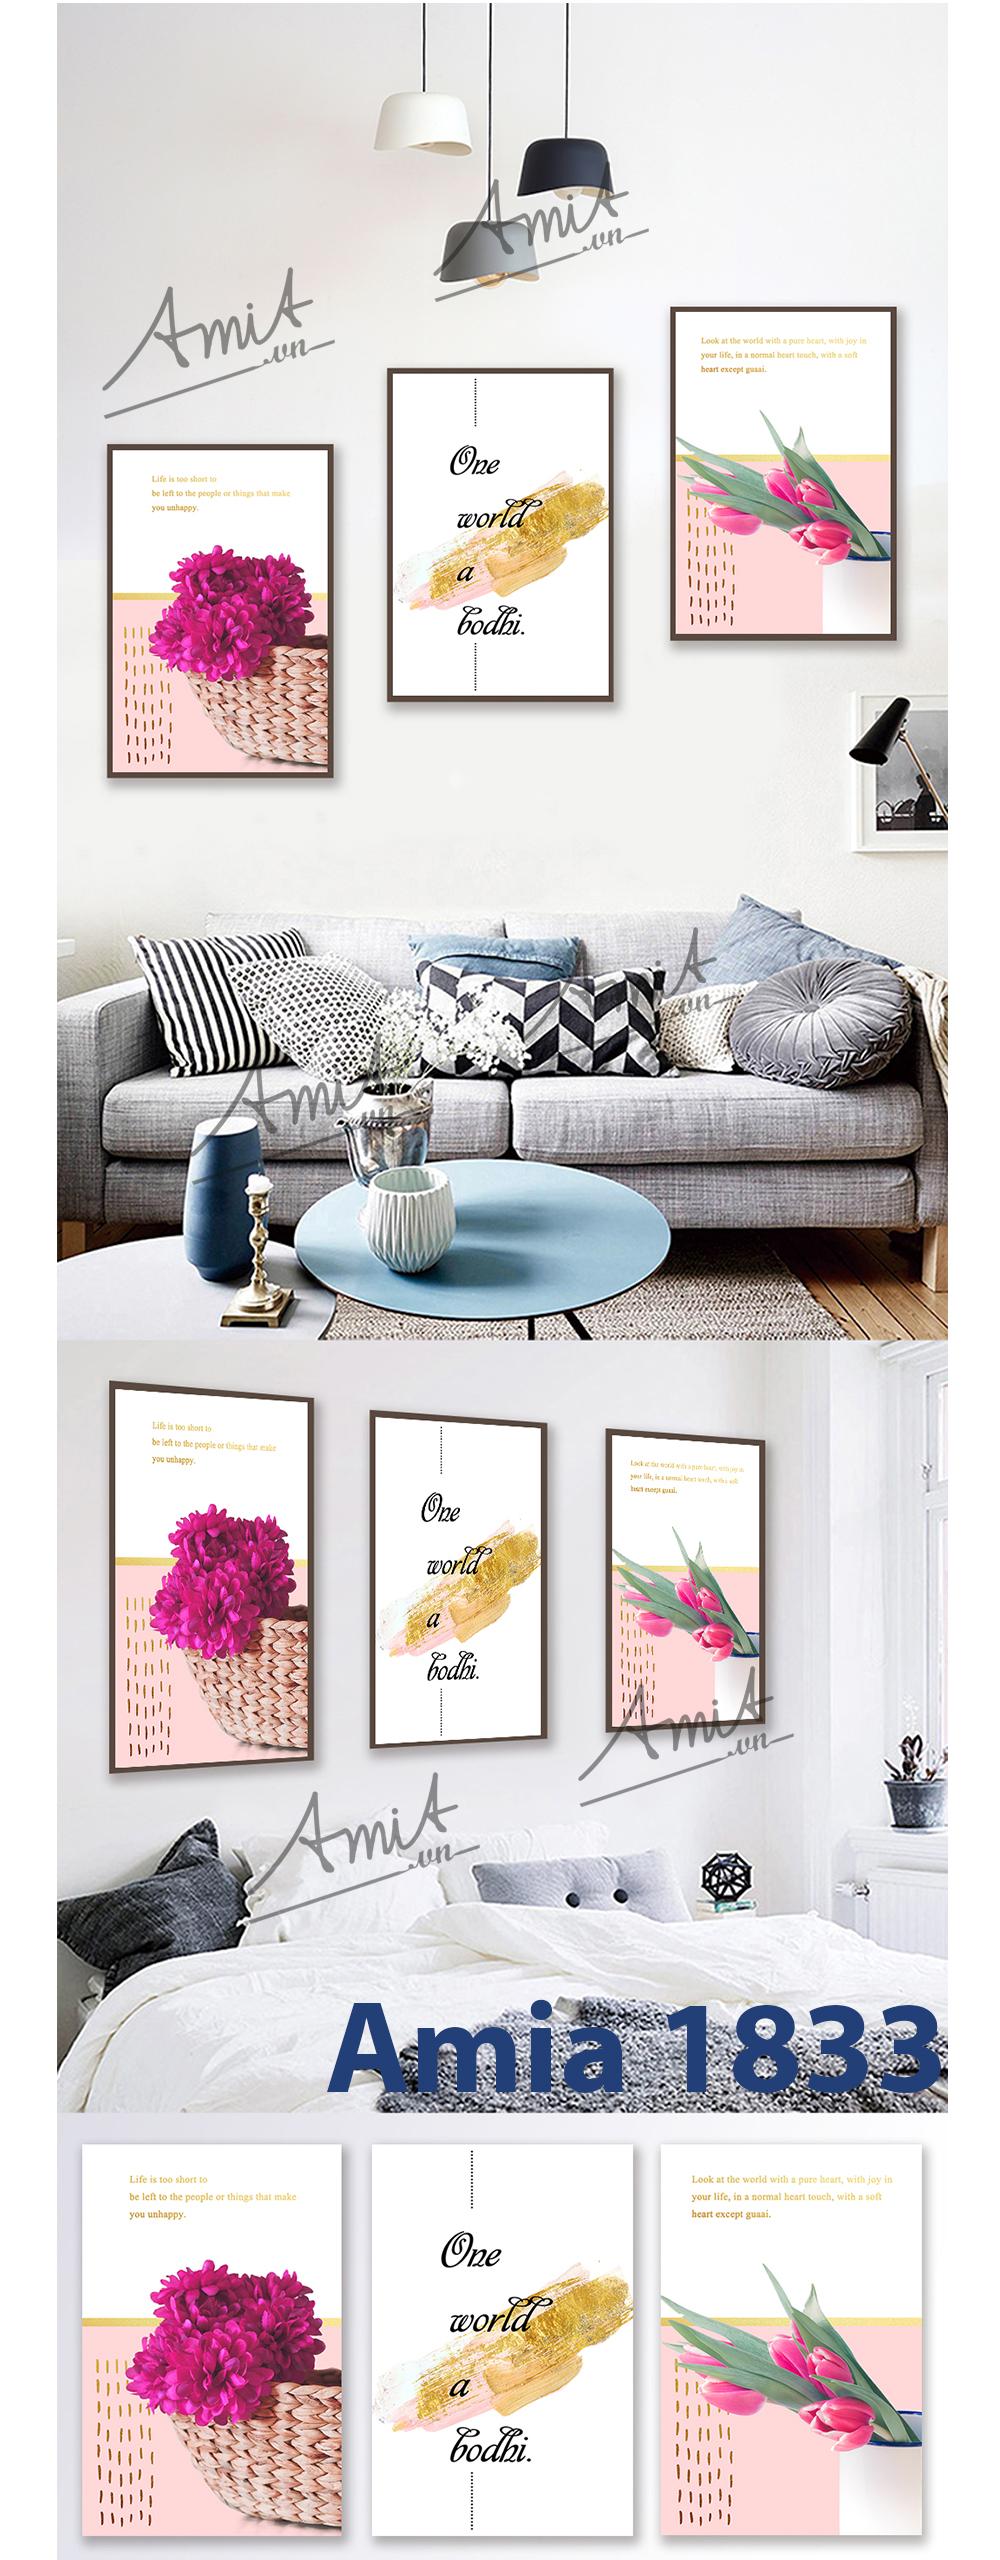 Bộ tranh 3 tấm in canvas cho phòng ngủ thêm ấm áp